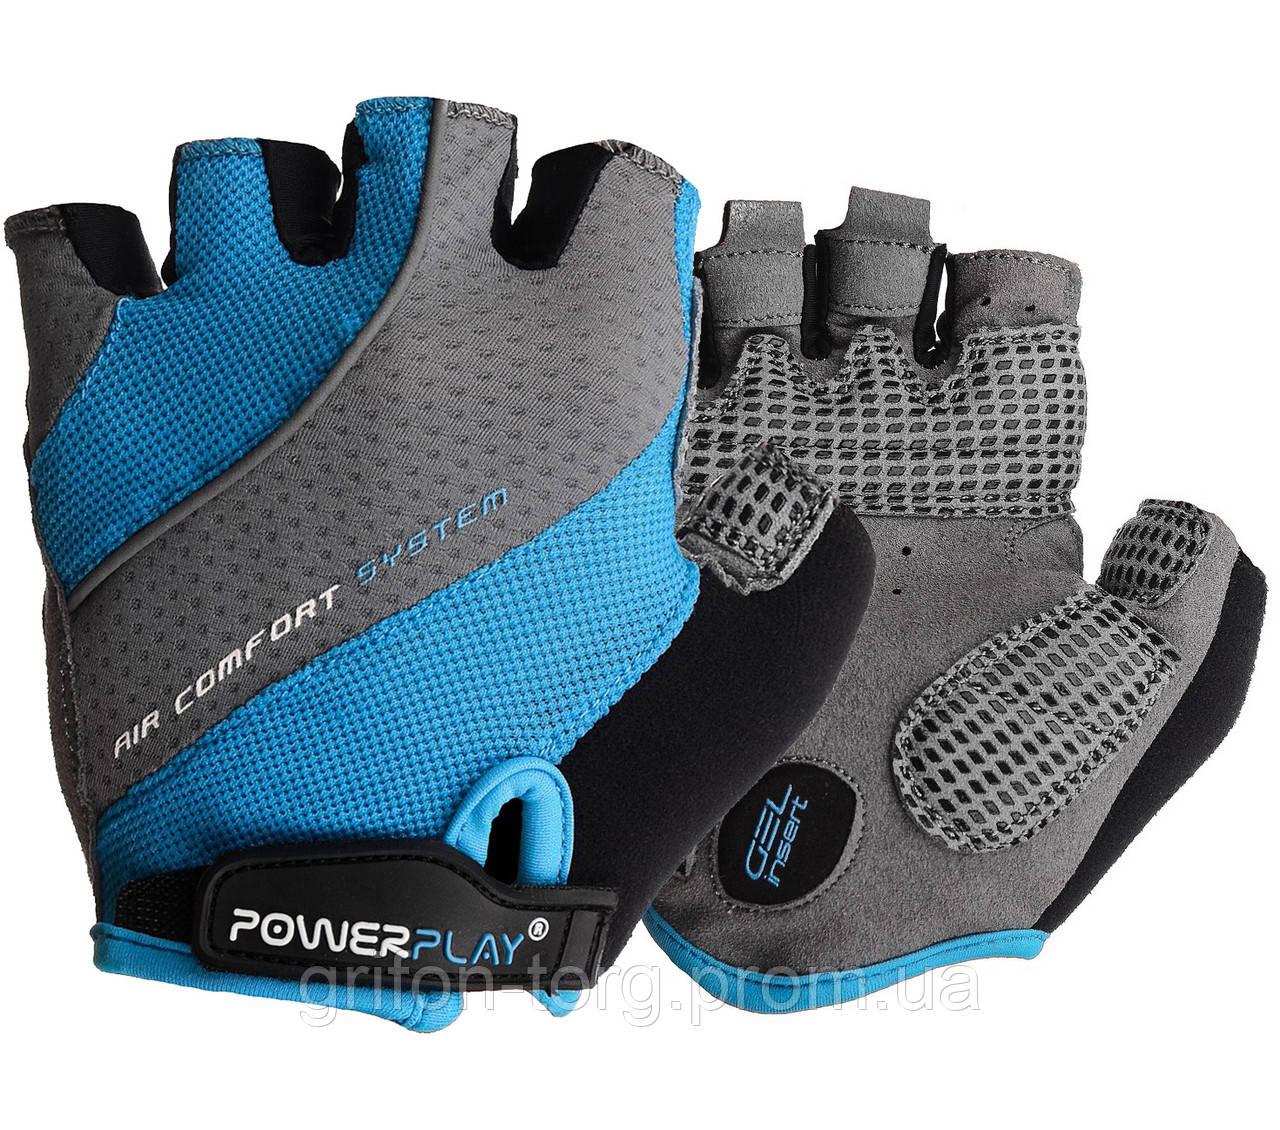 Велорукавички PowerPlay 5023 Блакитні M